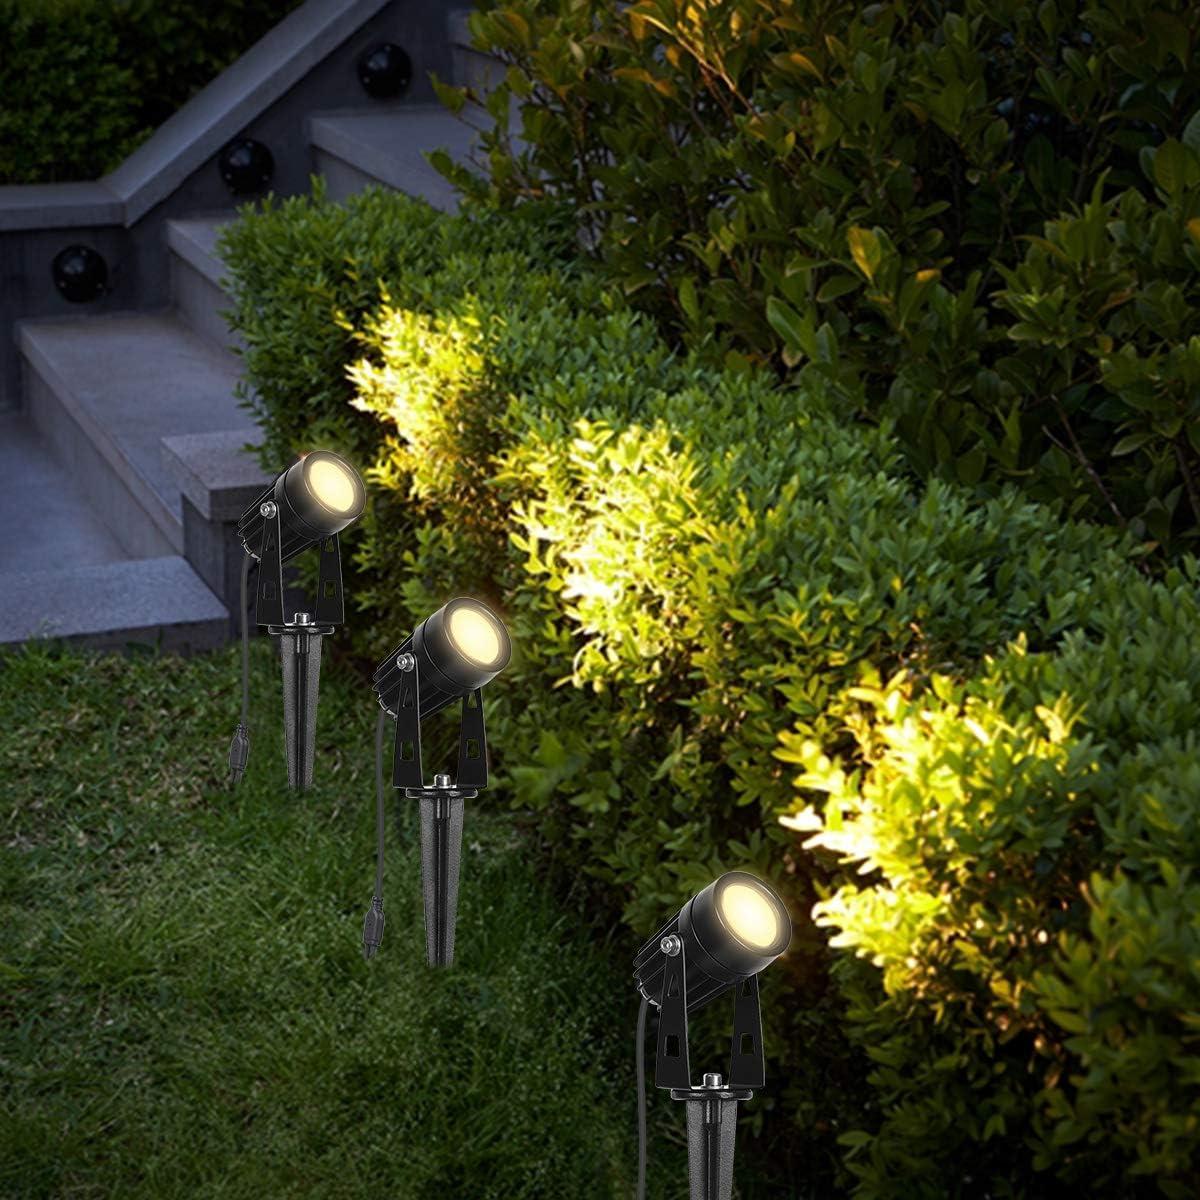 Uniquement Adapt/é aux Lampes de Jardin 4 et 8 Pi/èces sur Ce Lien, NE Peut PAS Etre Utilis/é Seul ou Avec Dautres Produits SanGlory 2pcs C/âble Dextension de Spot Jardin LED 2 M/ètres IP68 Etanche